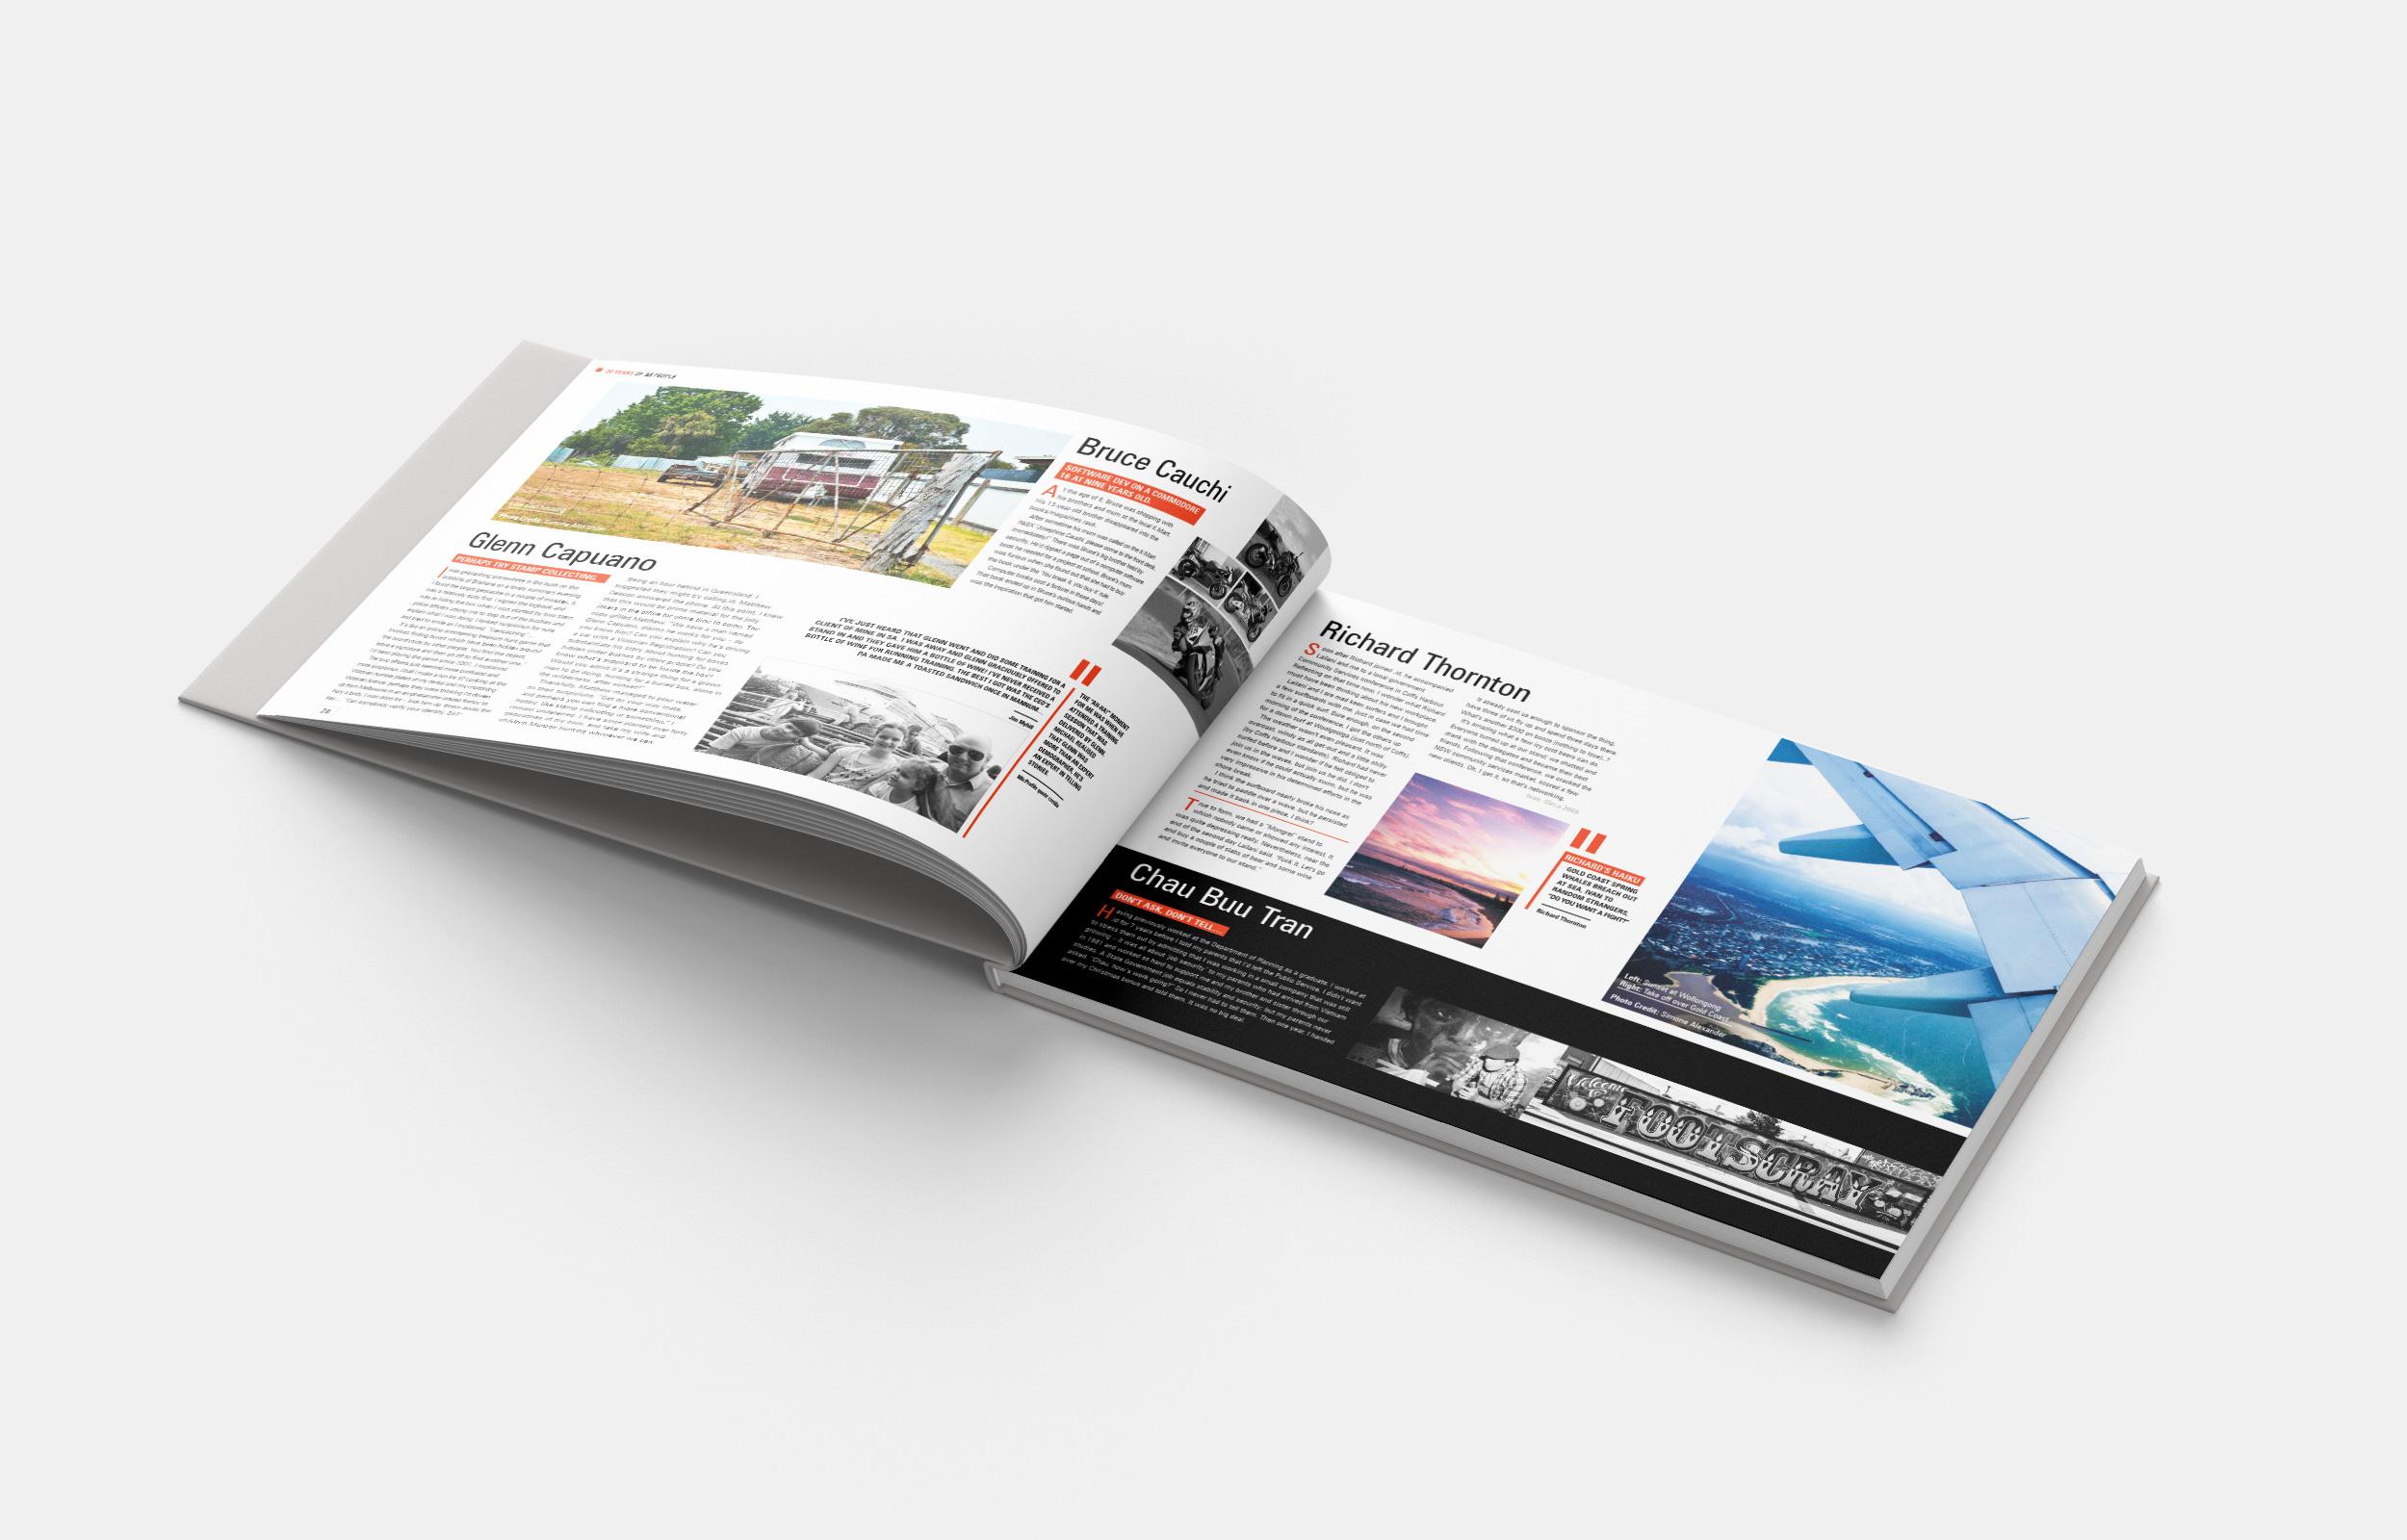 idbook_pg024-Profile Stories_d1-mock2.jpg